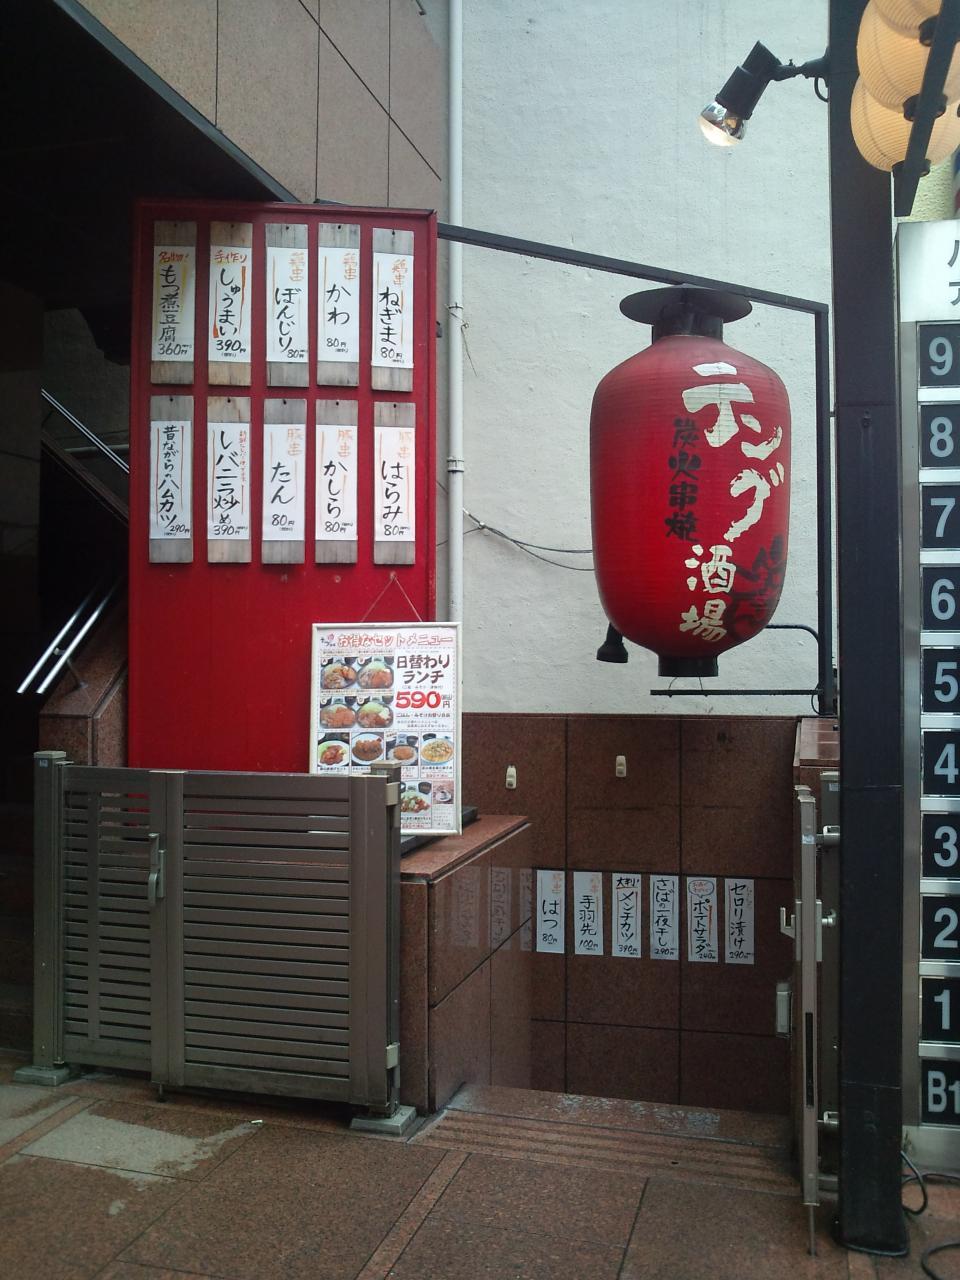 テング酒場八重洲一丁目店(店舗外観)